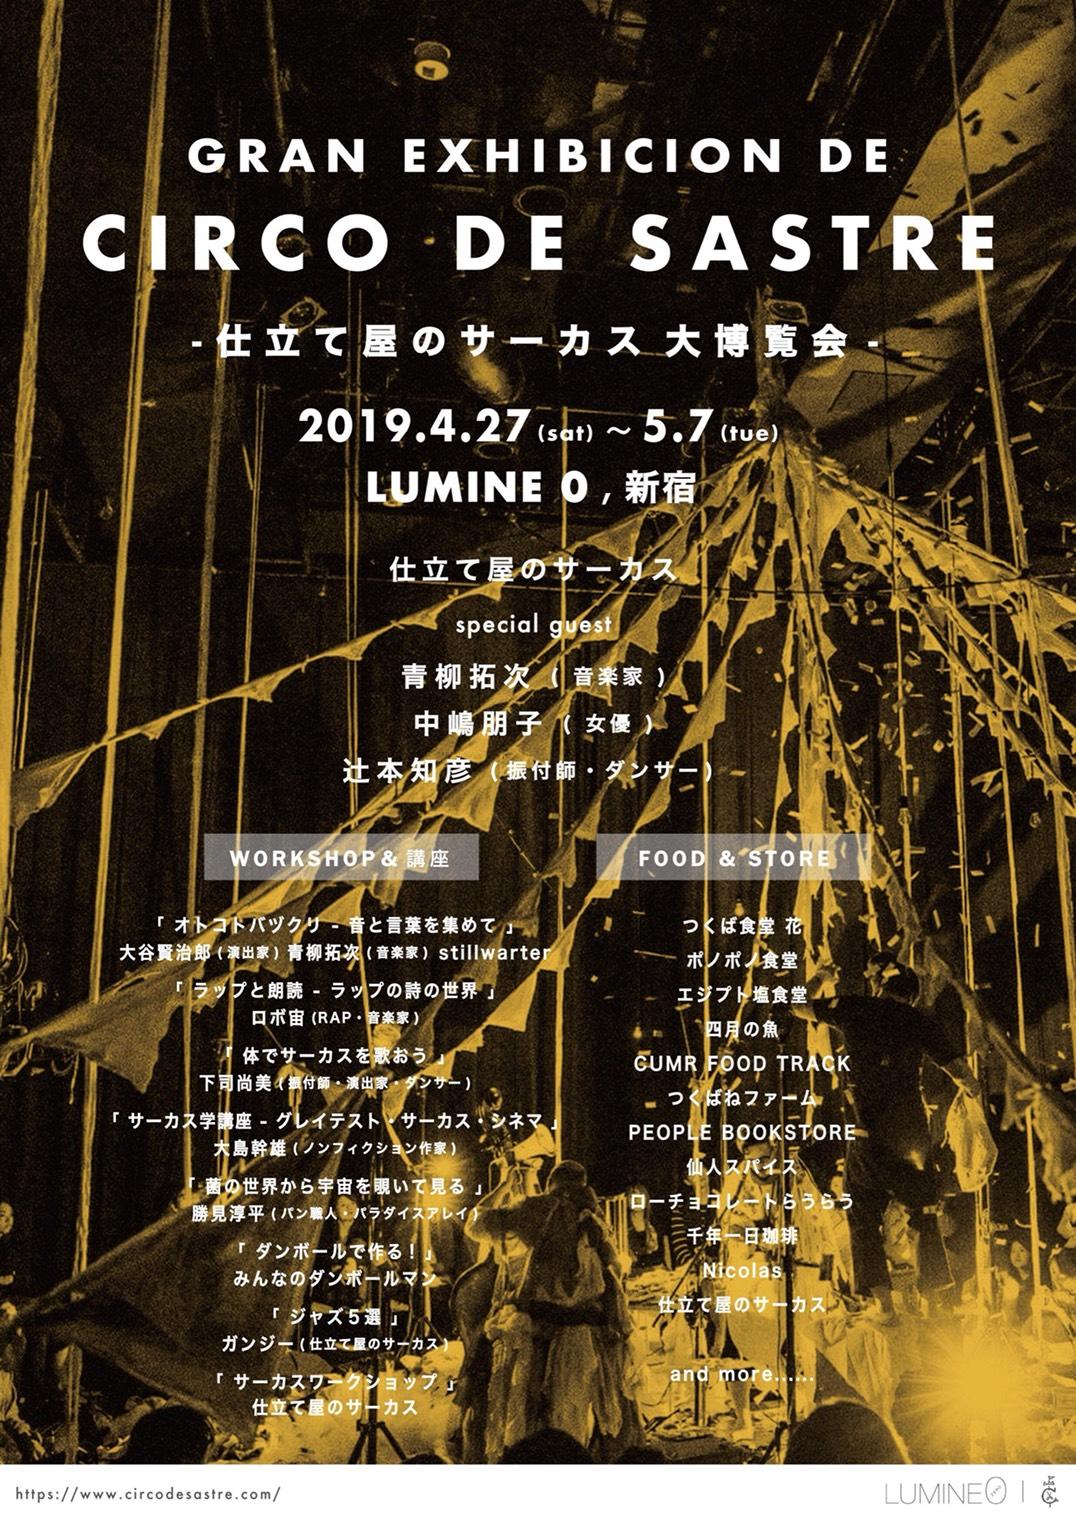 仕立て屋のサーカス大博覧会 - Gran Exhibición de Circo de Sastre・4/27(土) ゲスト:青柳拓次 ( 音楽家 )